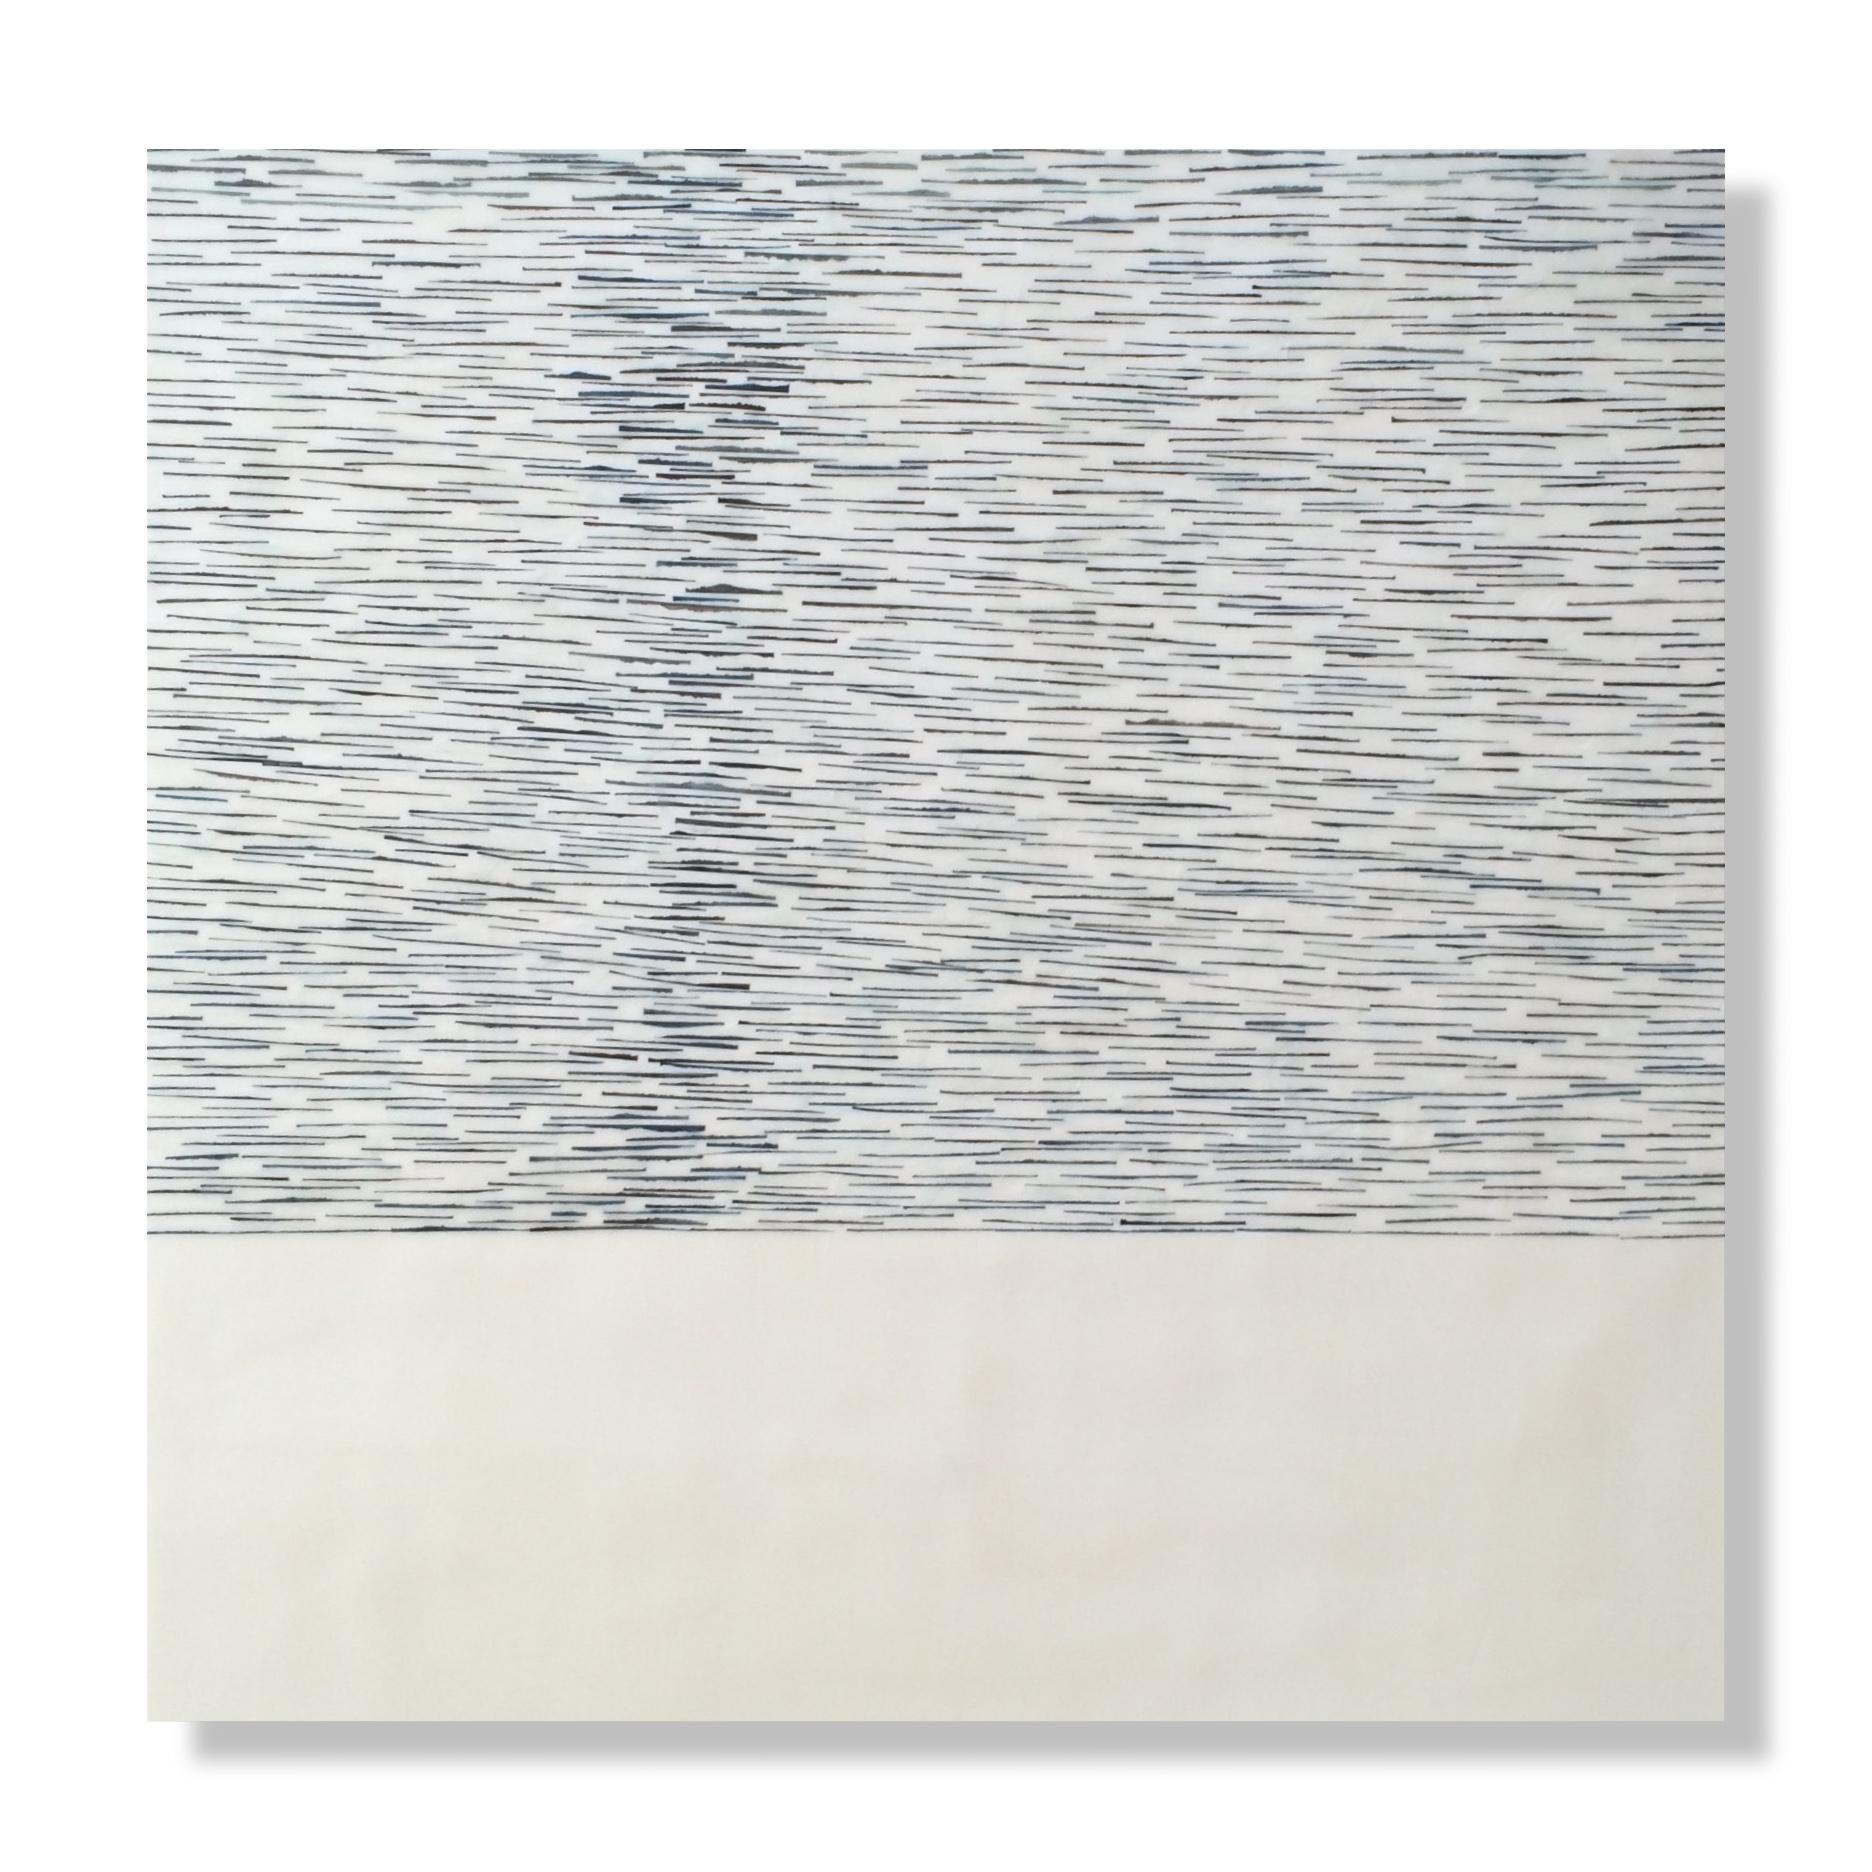 """Adrift 8, 2016 Encaustic, Mulberry Paper, Watercolor 24"""" x 24""""x .875"""""""